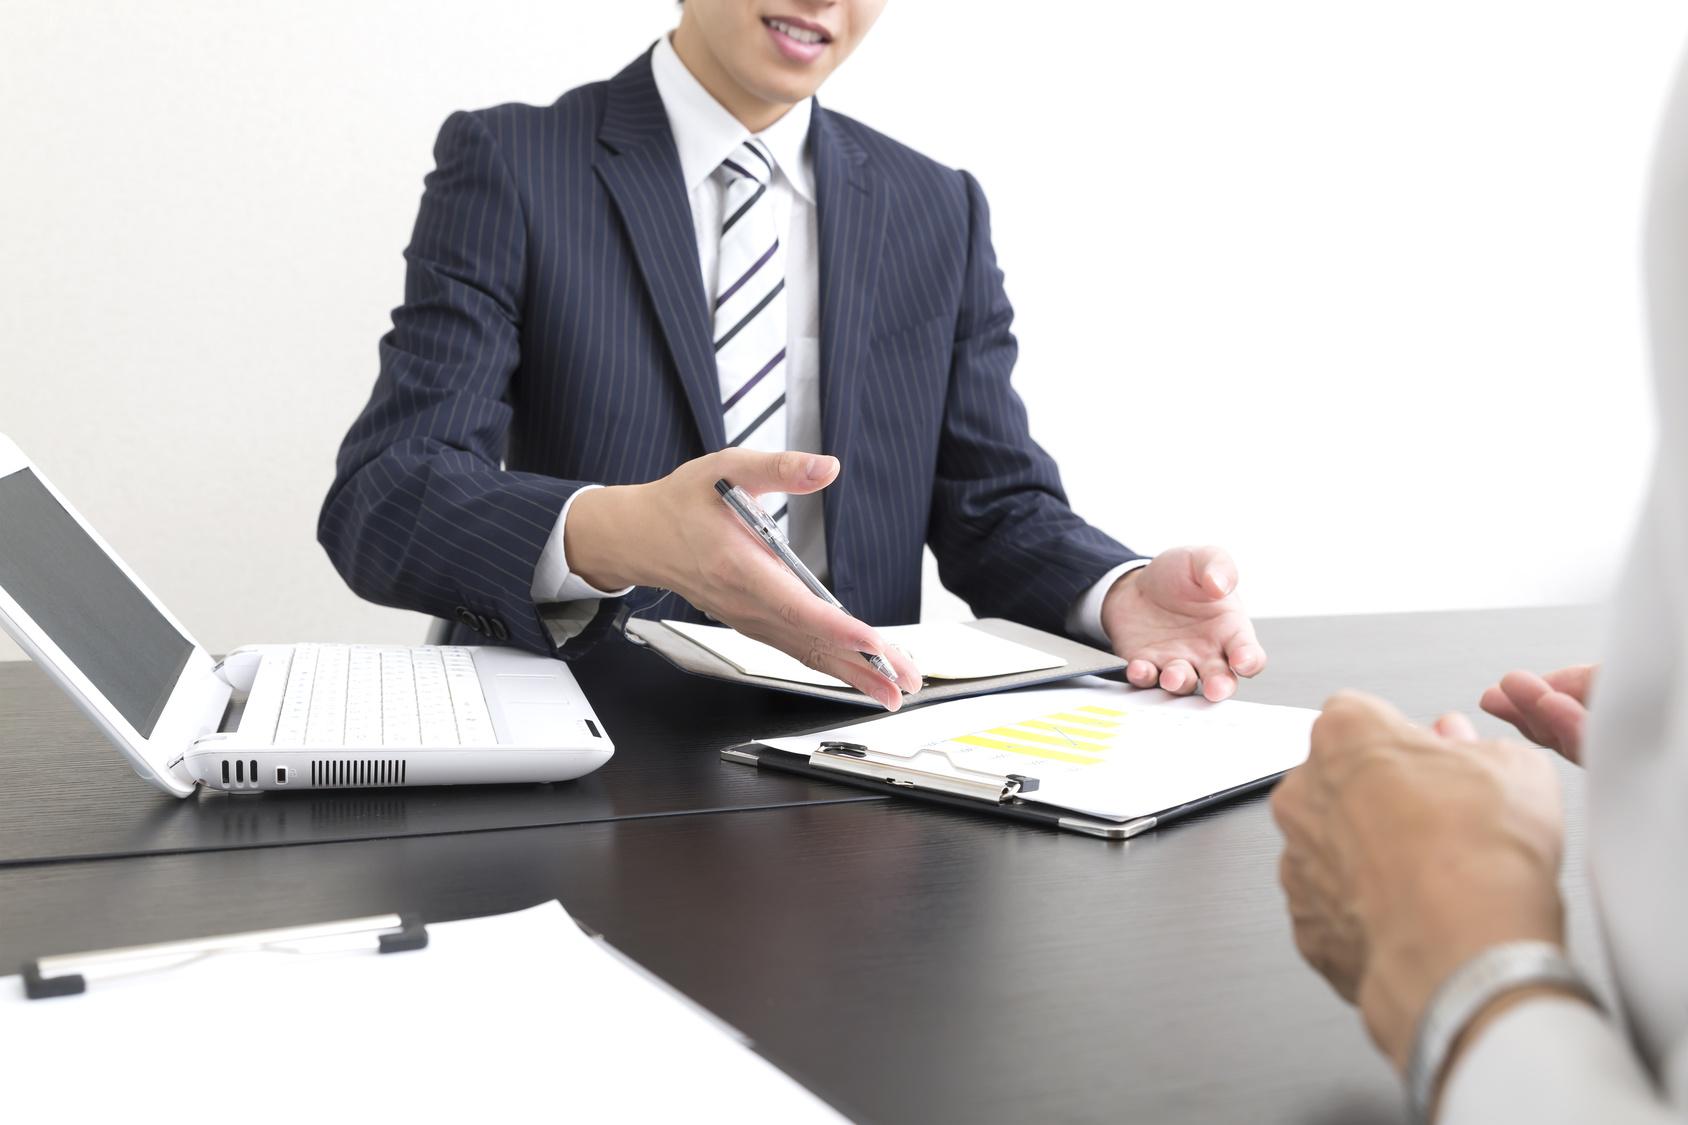 かんぽ生命 認知症女性 月額25万円 保険契約